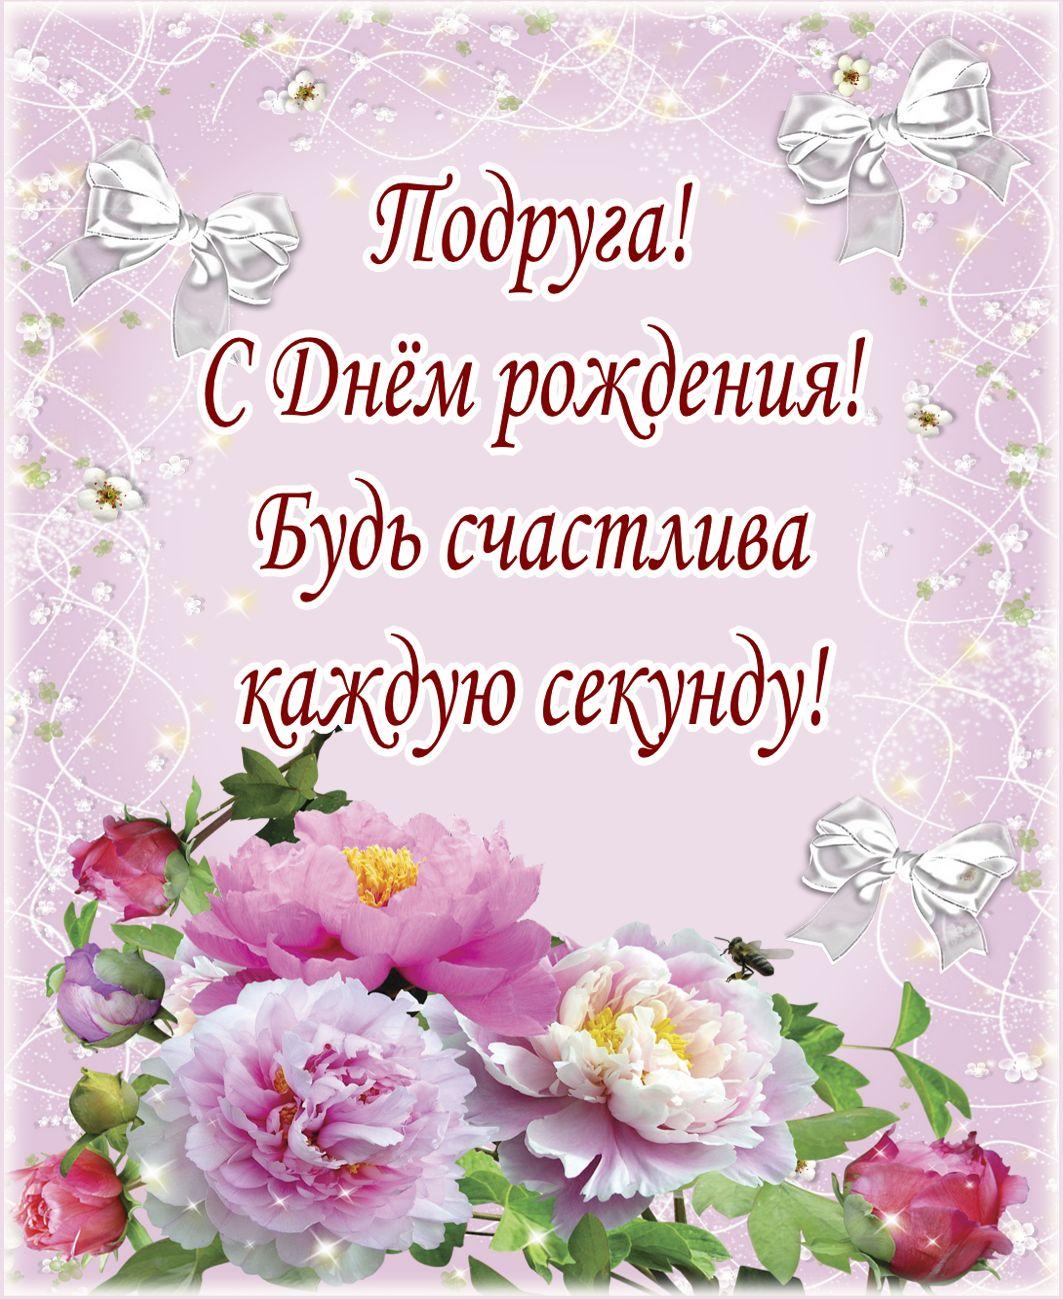 Открытка с цветами на красивом фоне на День рождения подруге